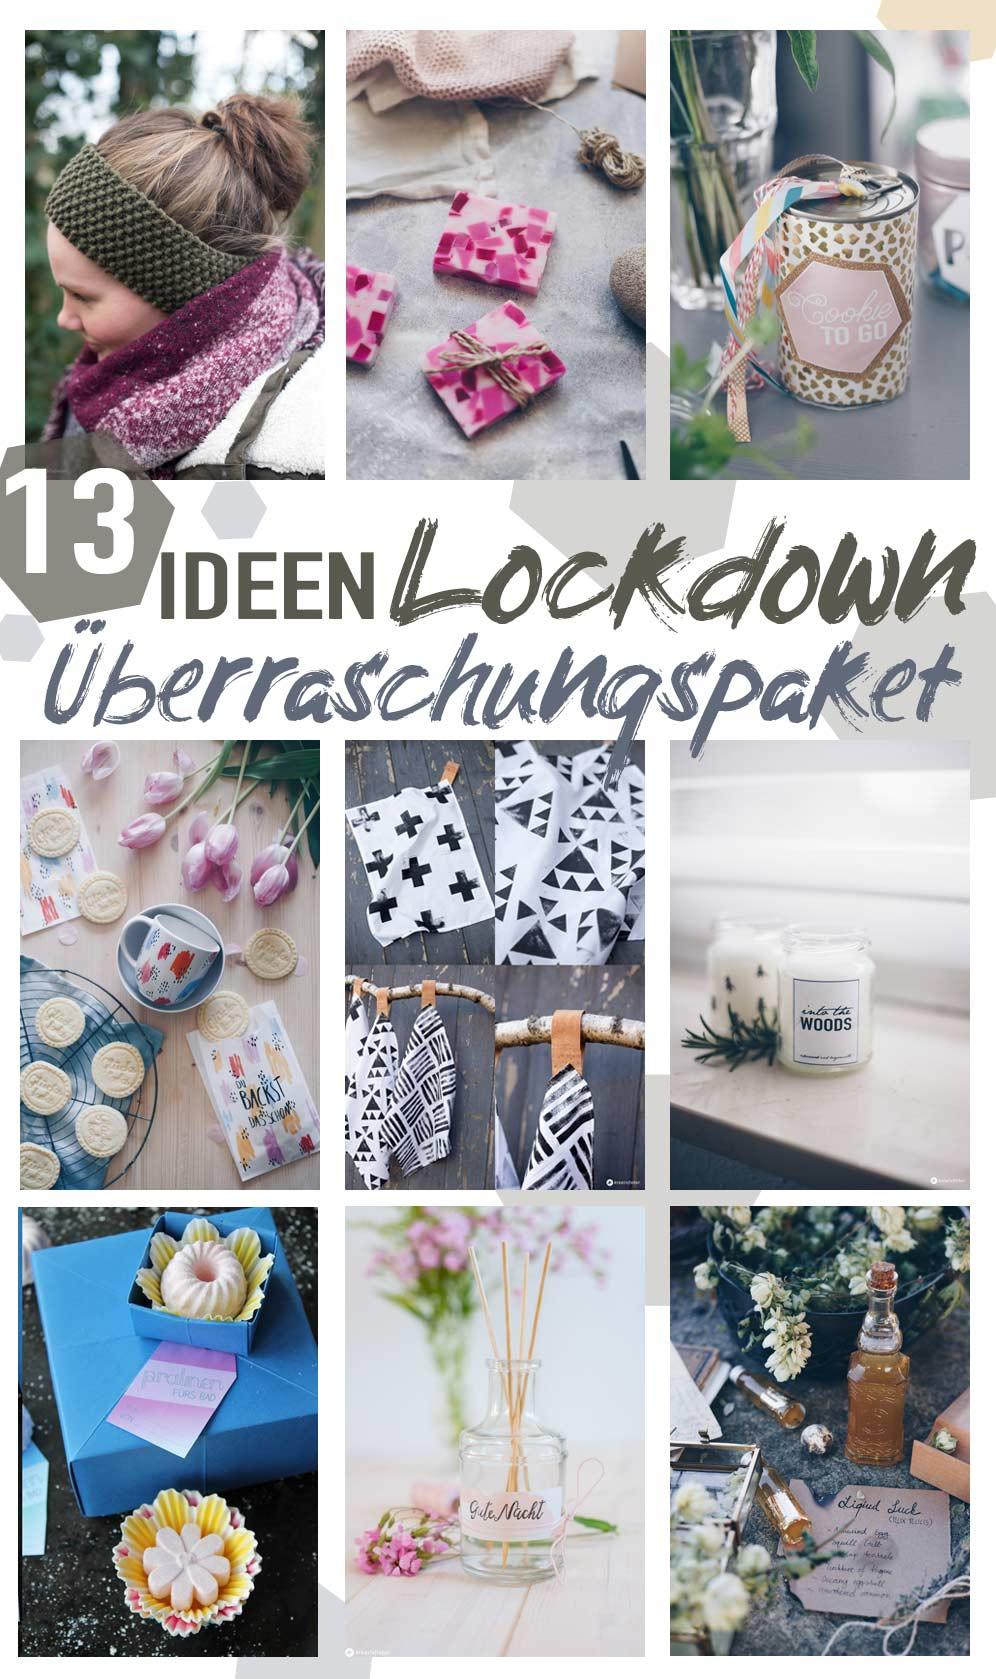 13 schöne DIY Ideen für ein Lockdown Überraschungspaket